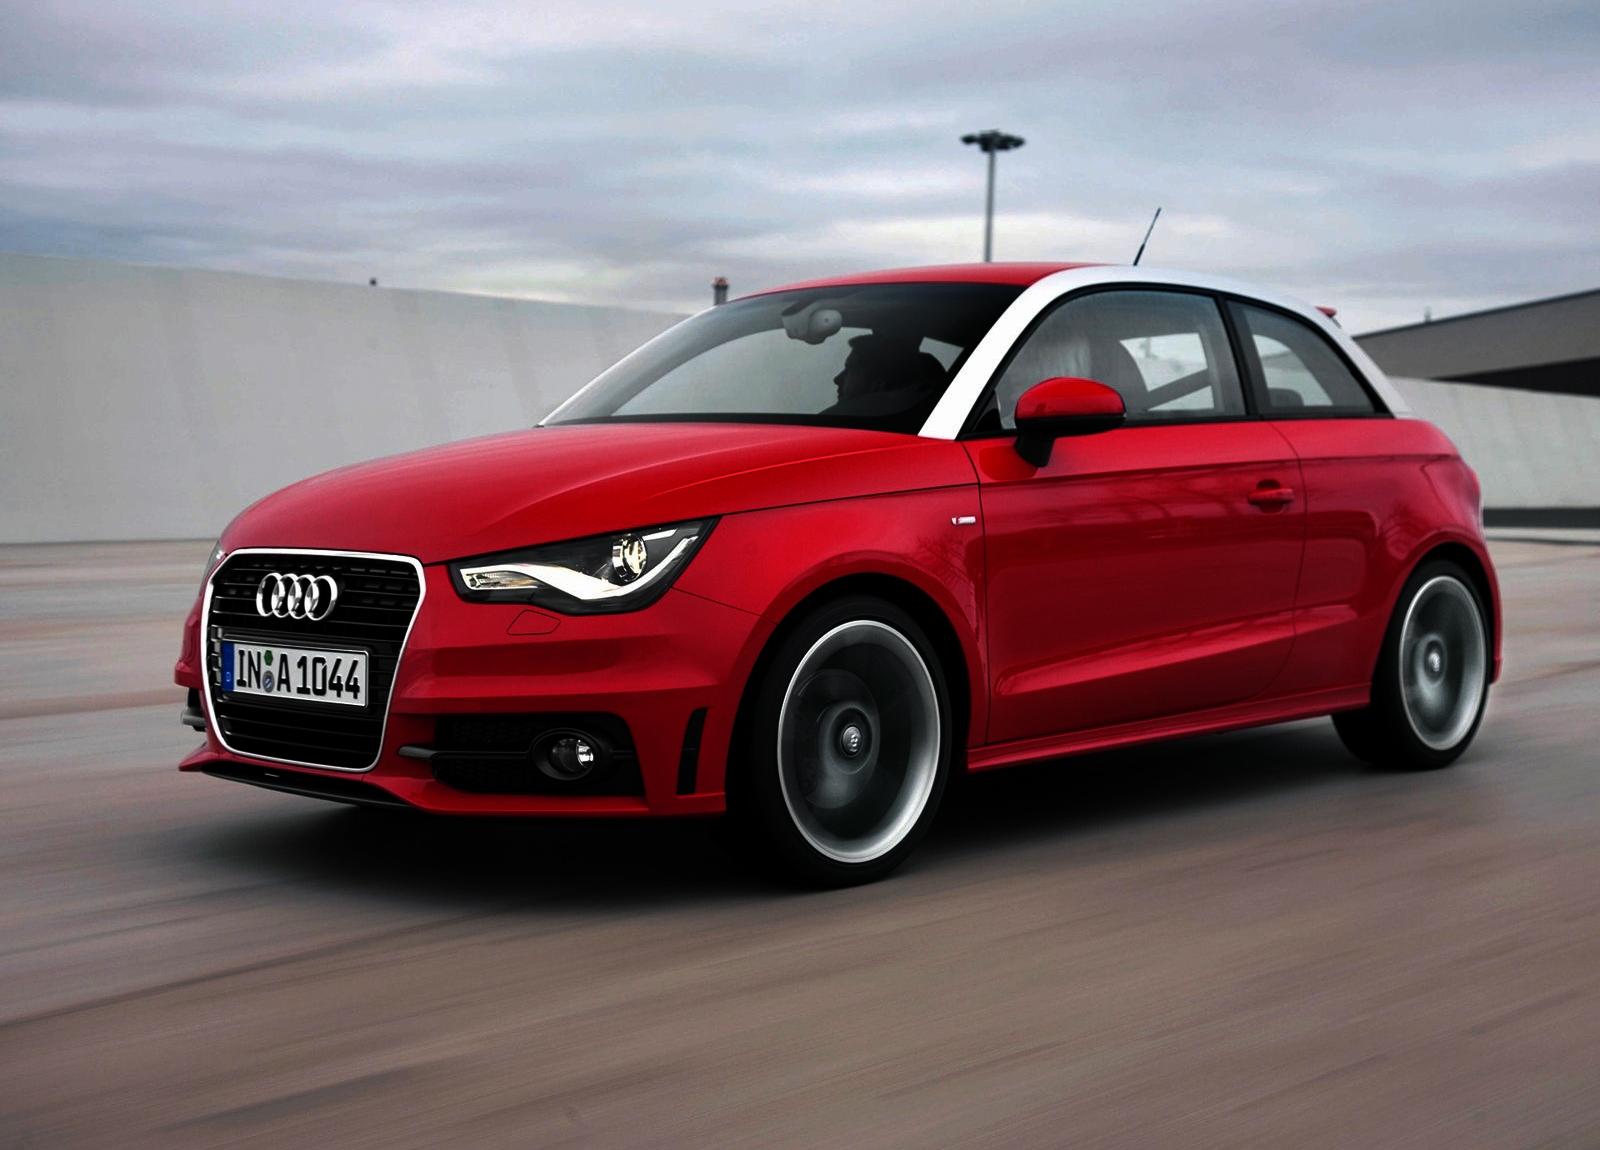 http://4.bp.blogspot.com/-3rDgq8VlsfE/T5Y6xAO3h1I/AAAAAAAAFnc/5YjQsXKHAZ0/s1600/Audi-2011_A1_wallpaper-1600x1200_0012.jpg